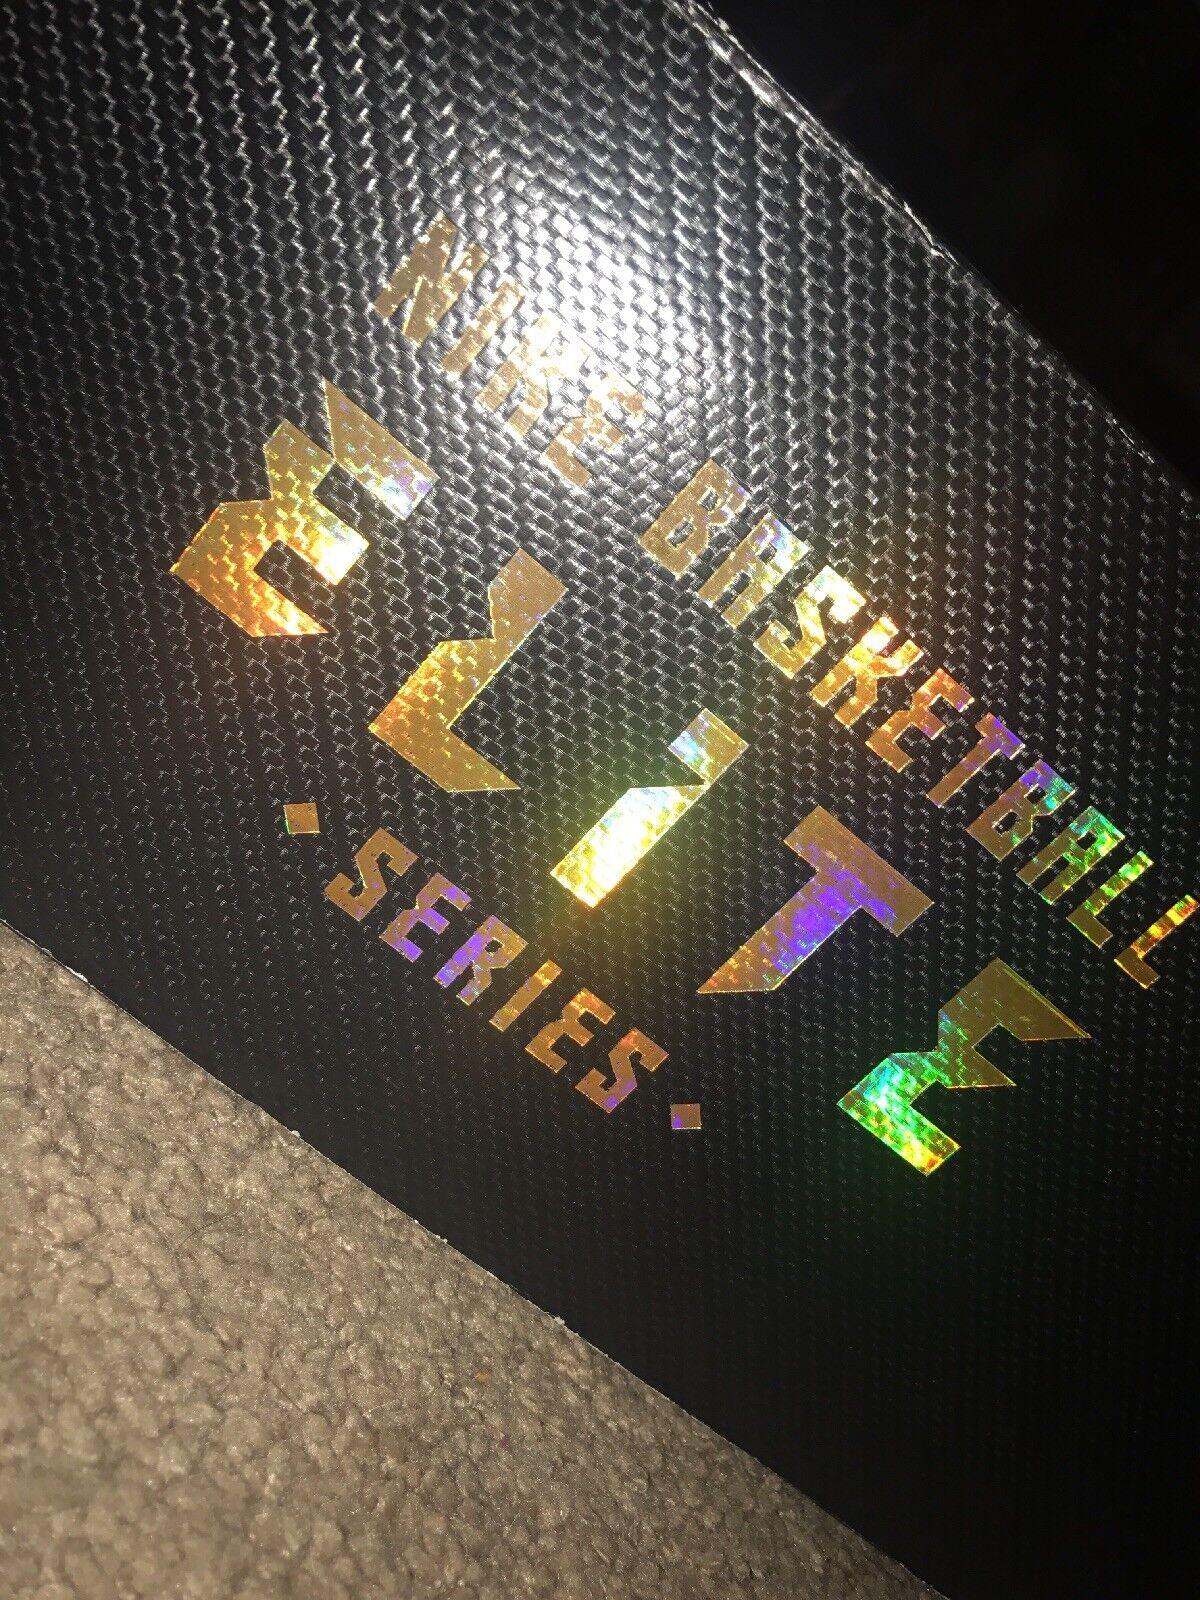 Nike lebron 9 elite taxi lebron james nero giallo rosso sz